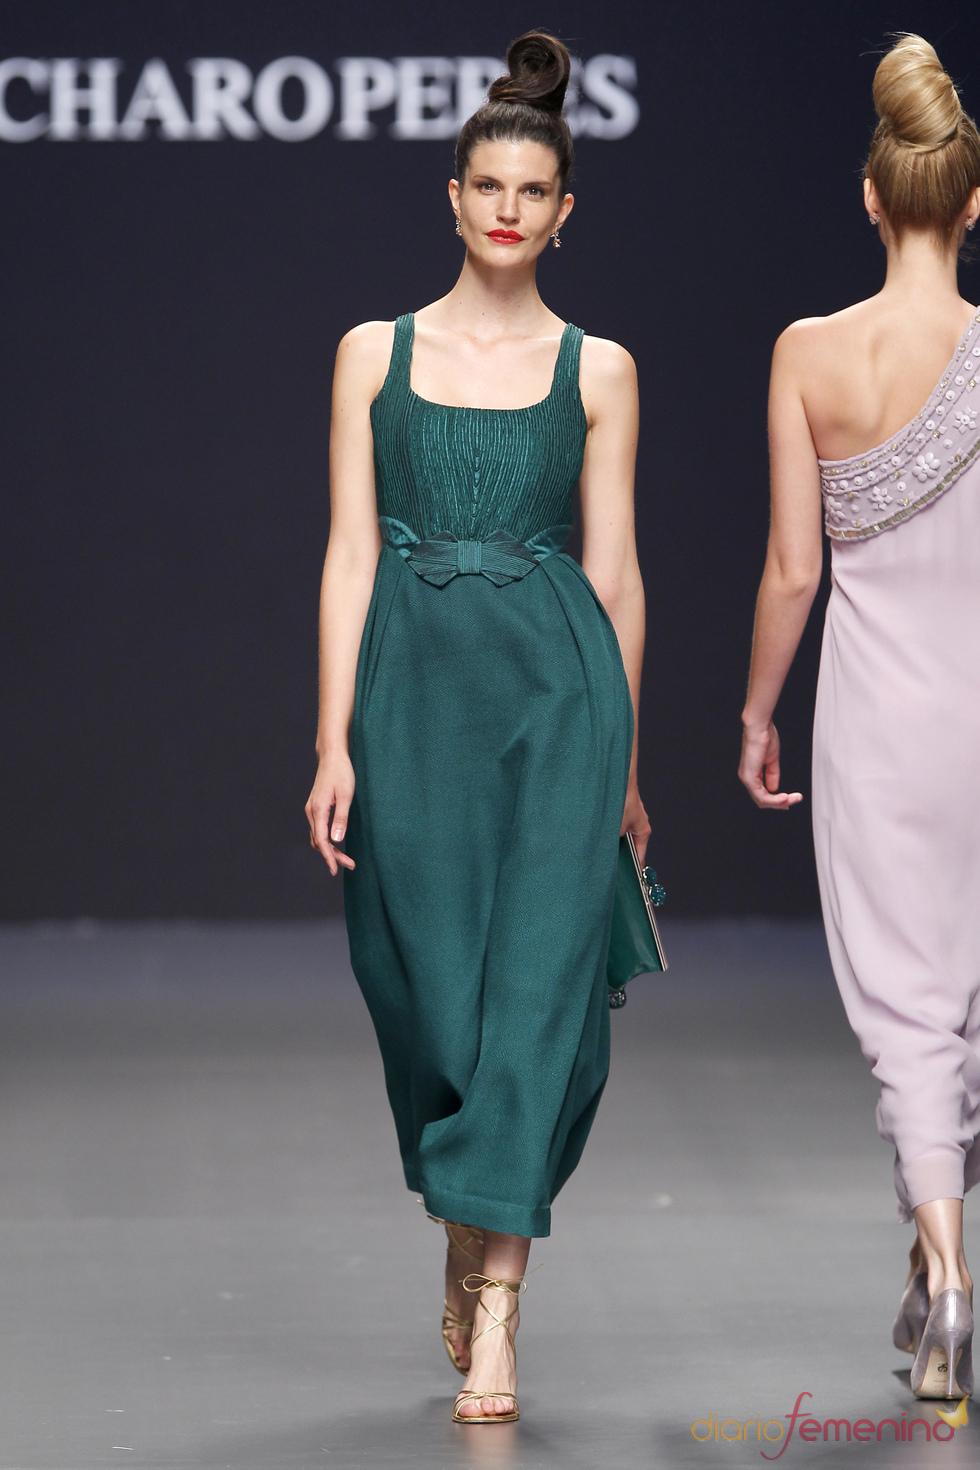 Vestido de fiesta verde de Charo Peres